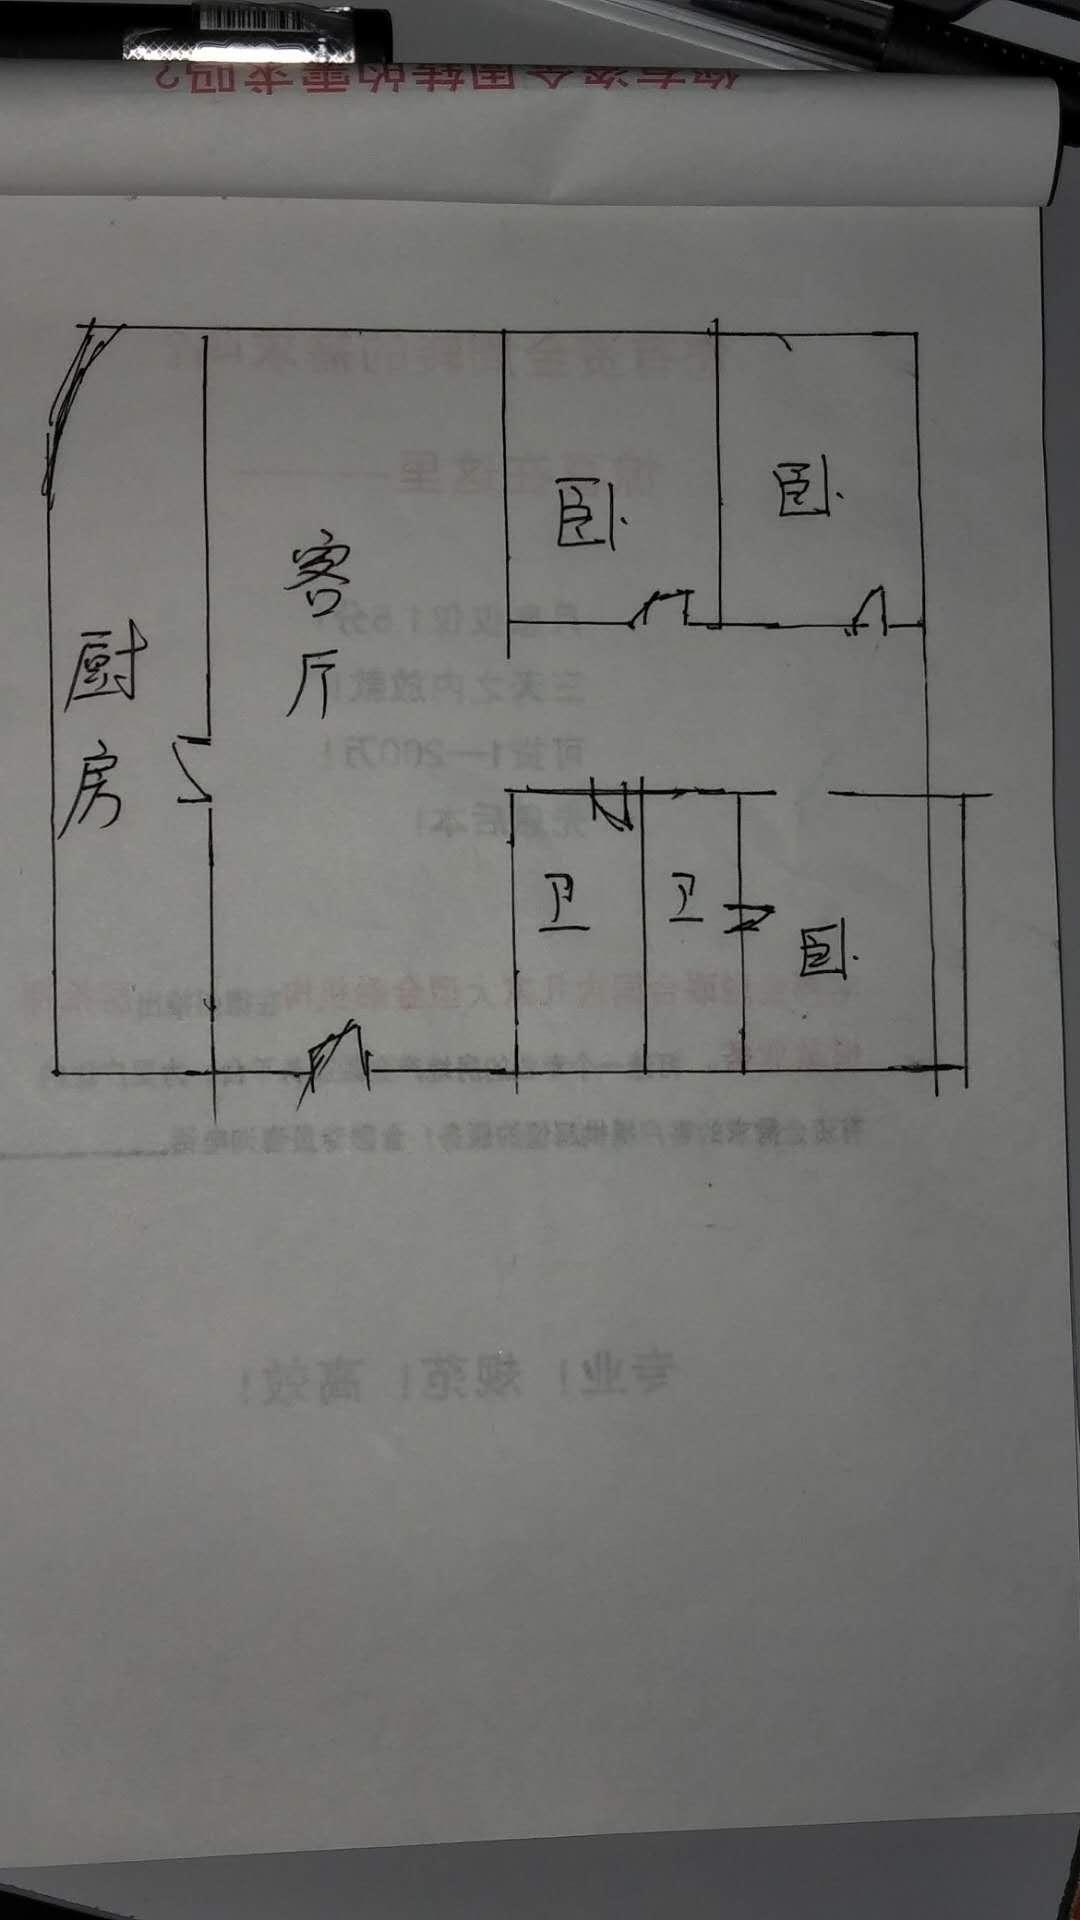 帝堡 3室2厅 20楼